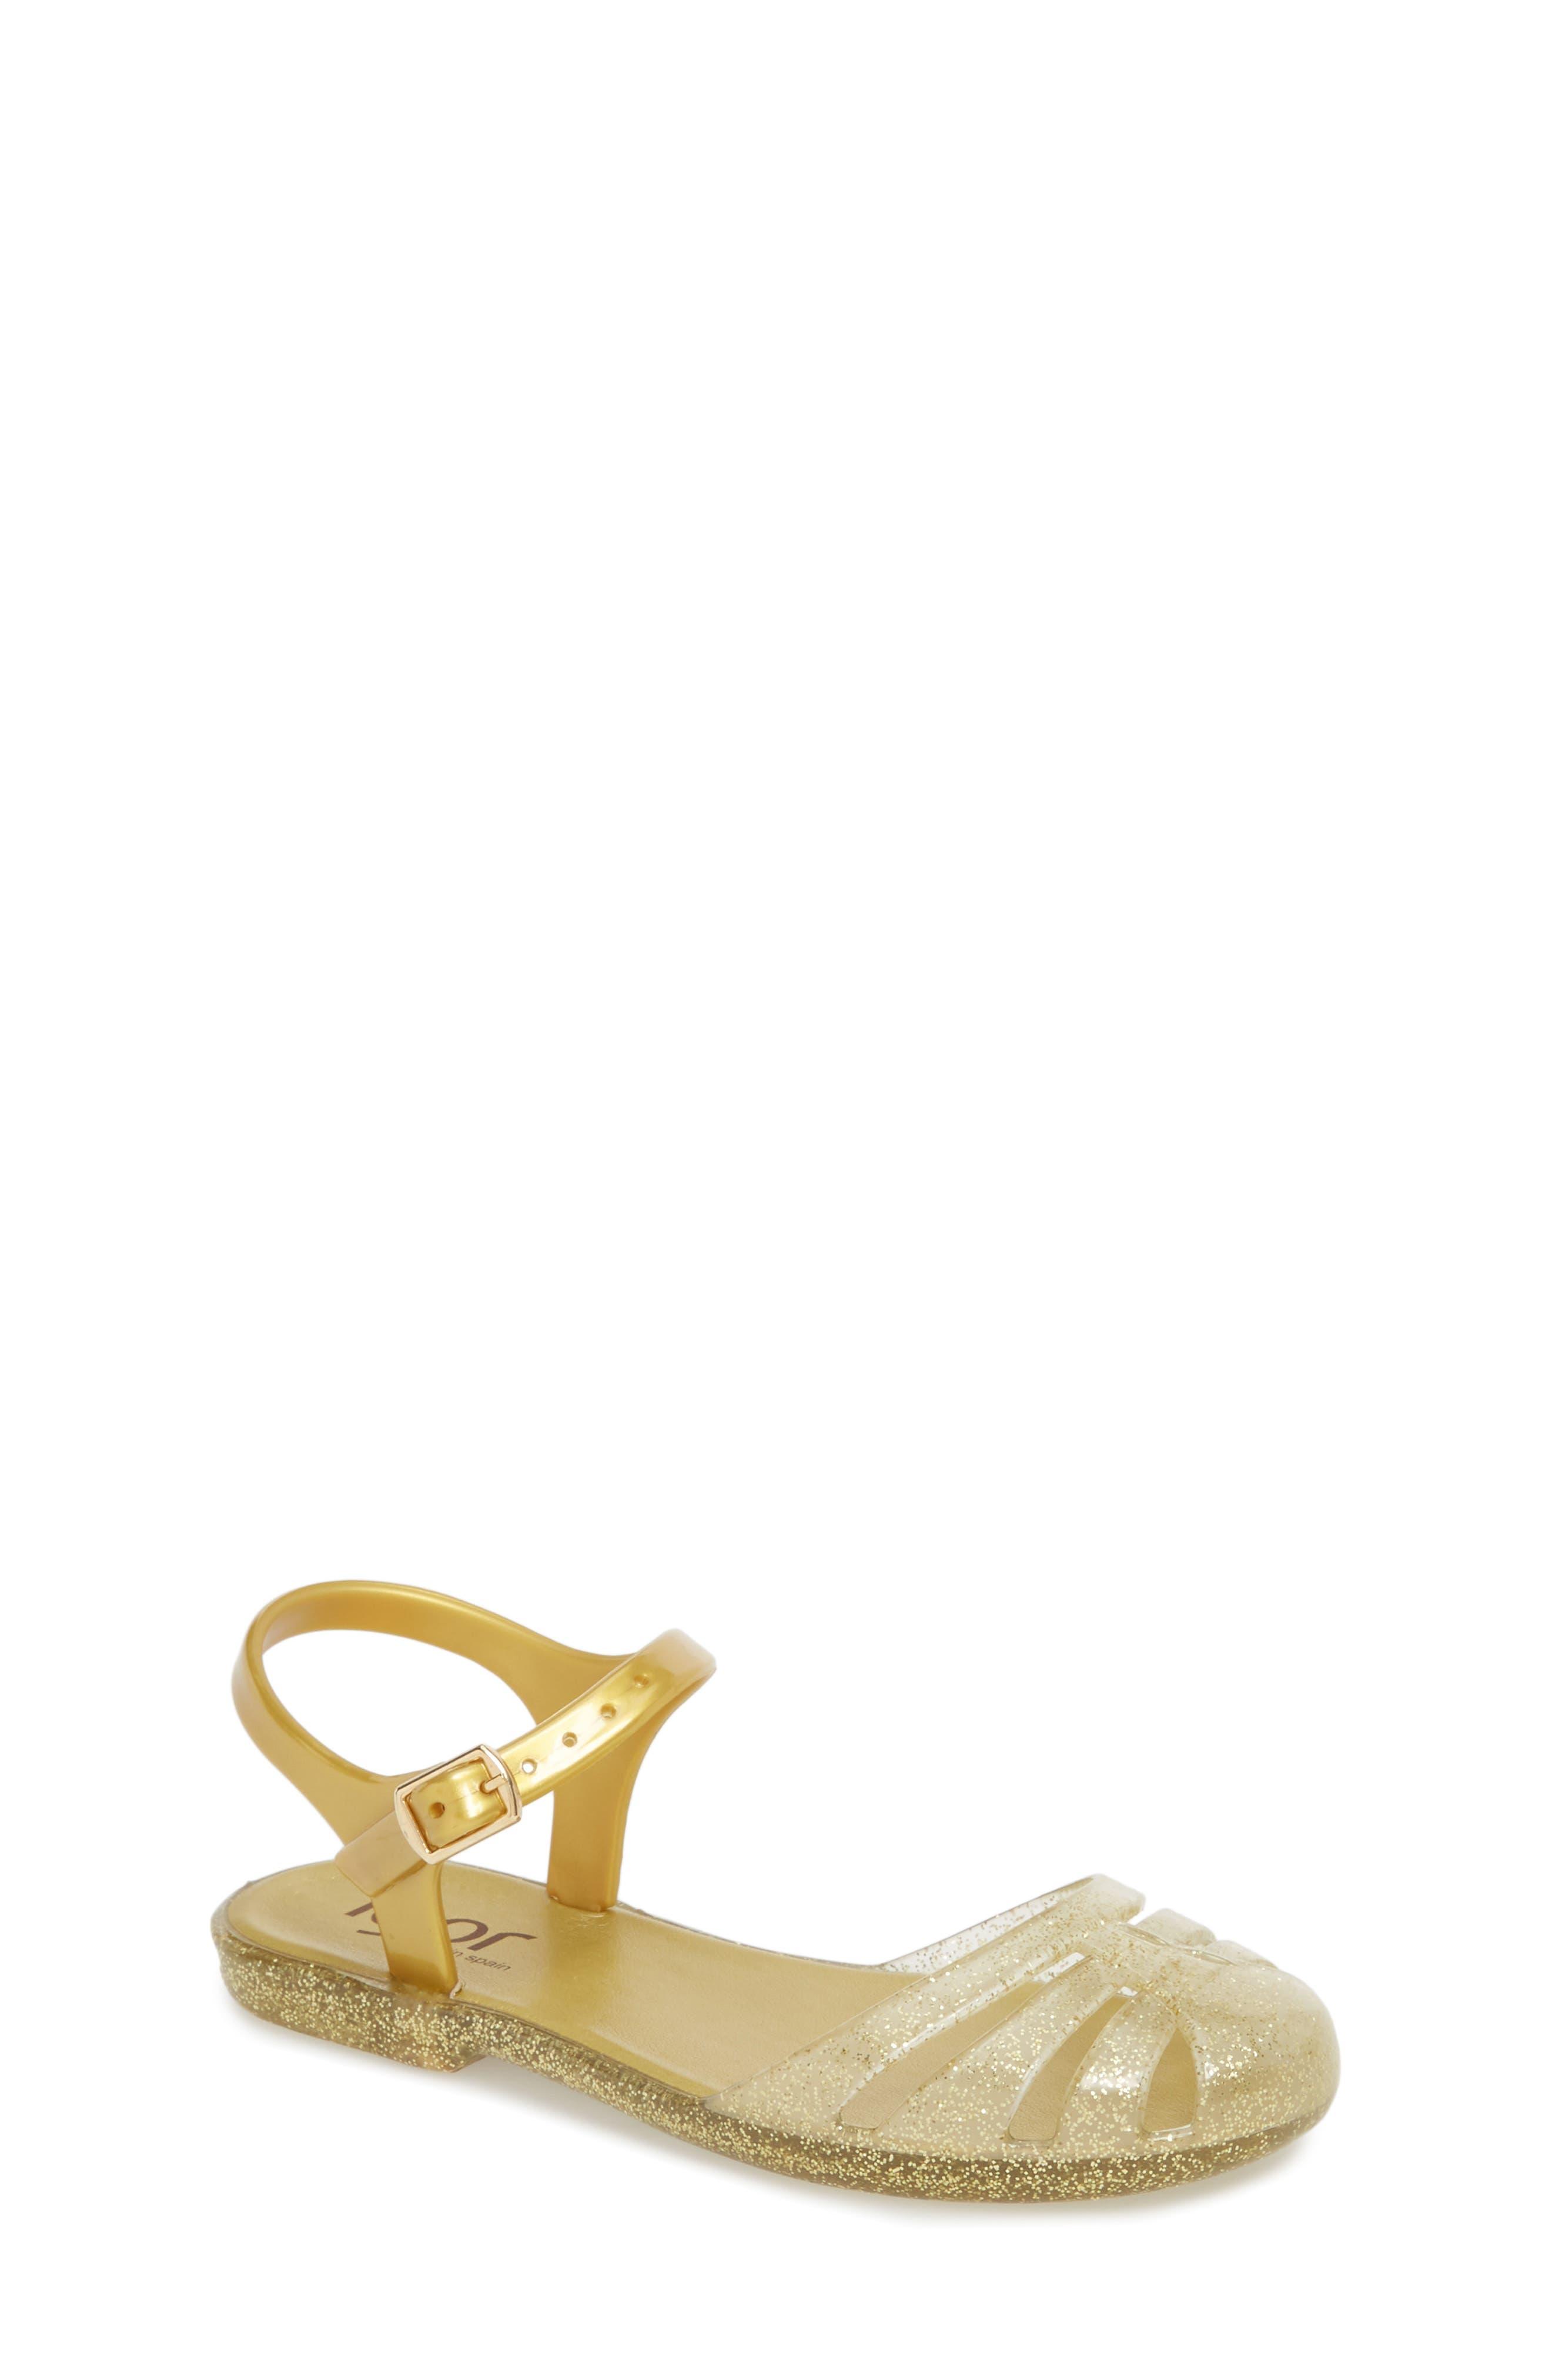 'Mara Mini' Glitter Jelly Sandal,                             Main thumbnail 1, color,                             Gold Glitter